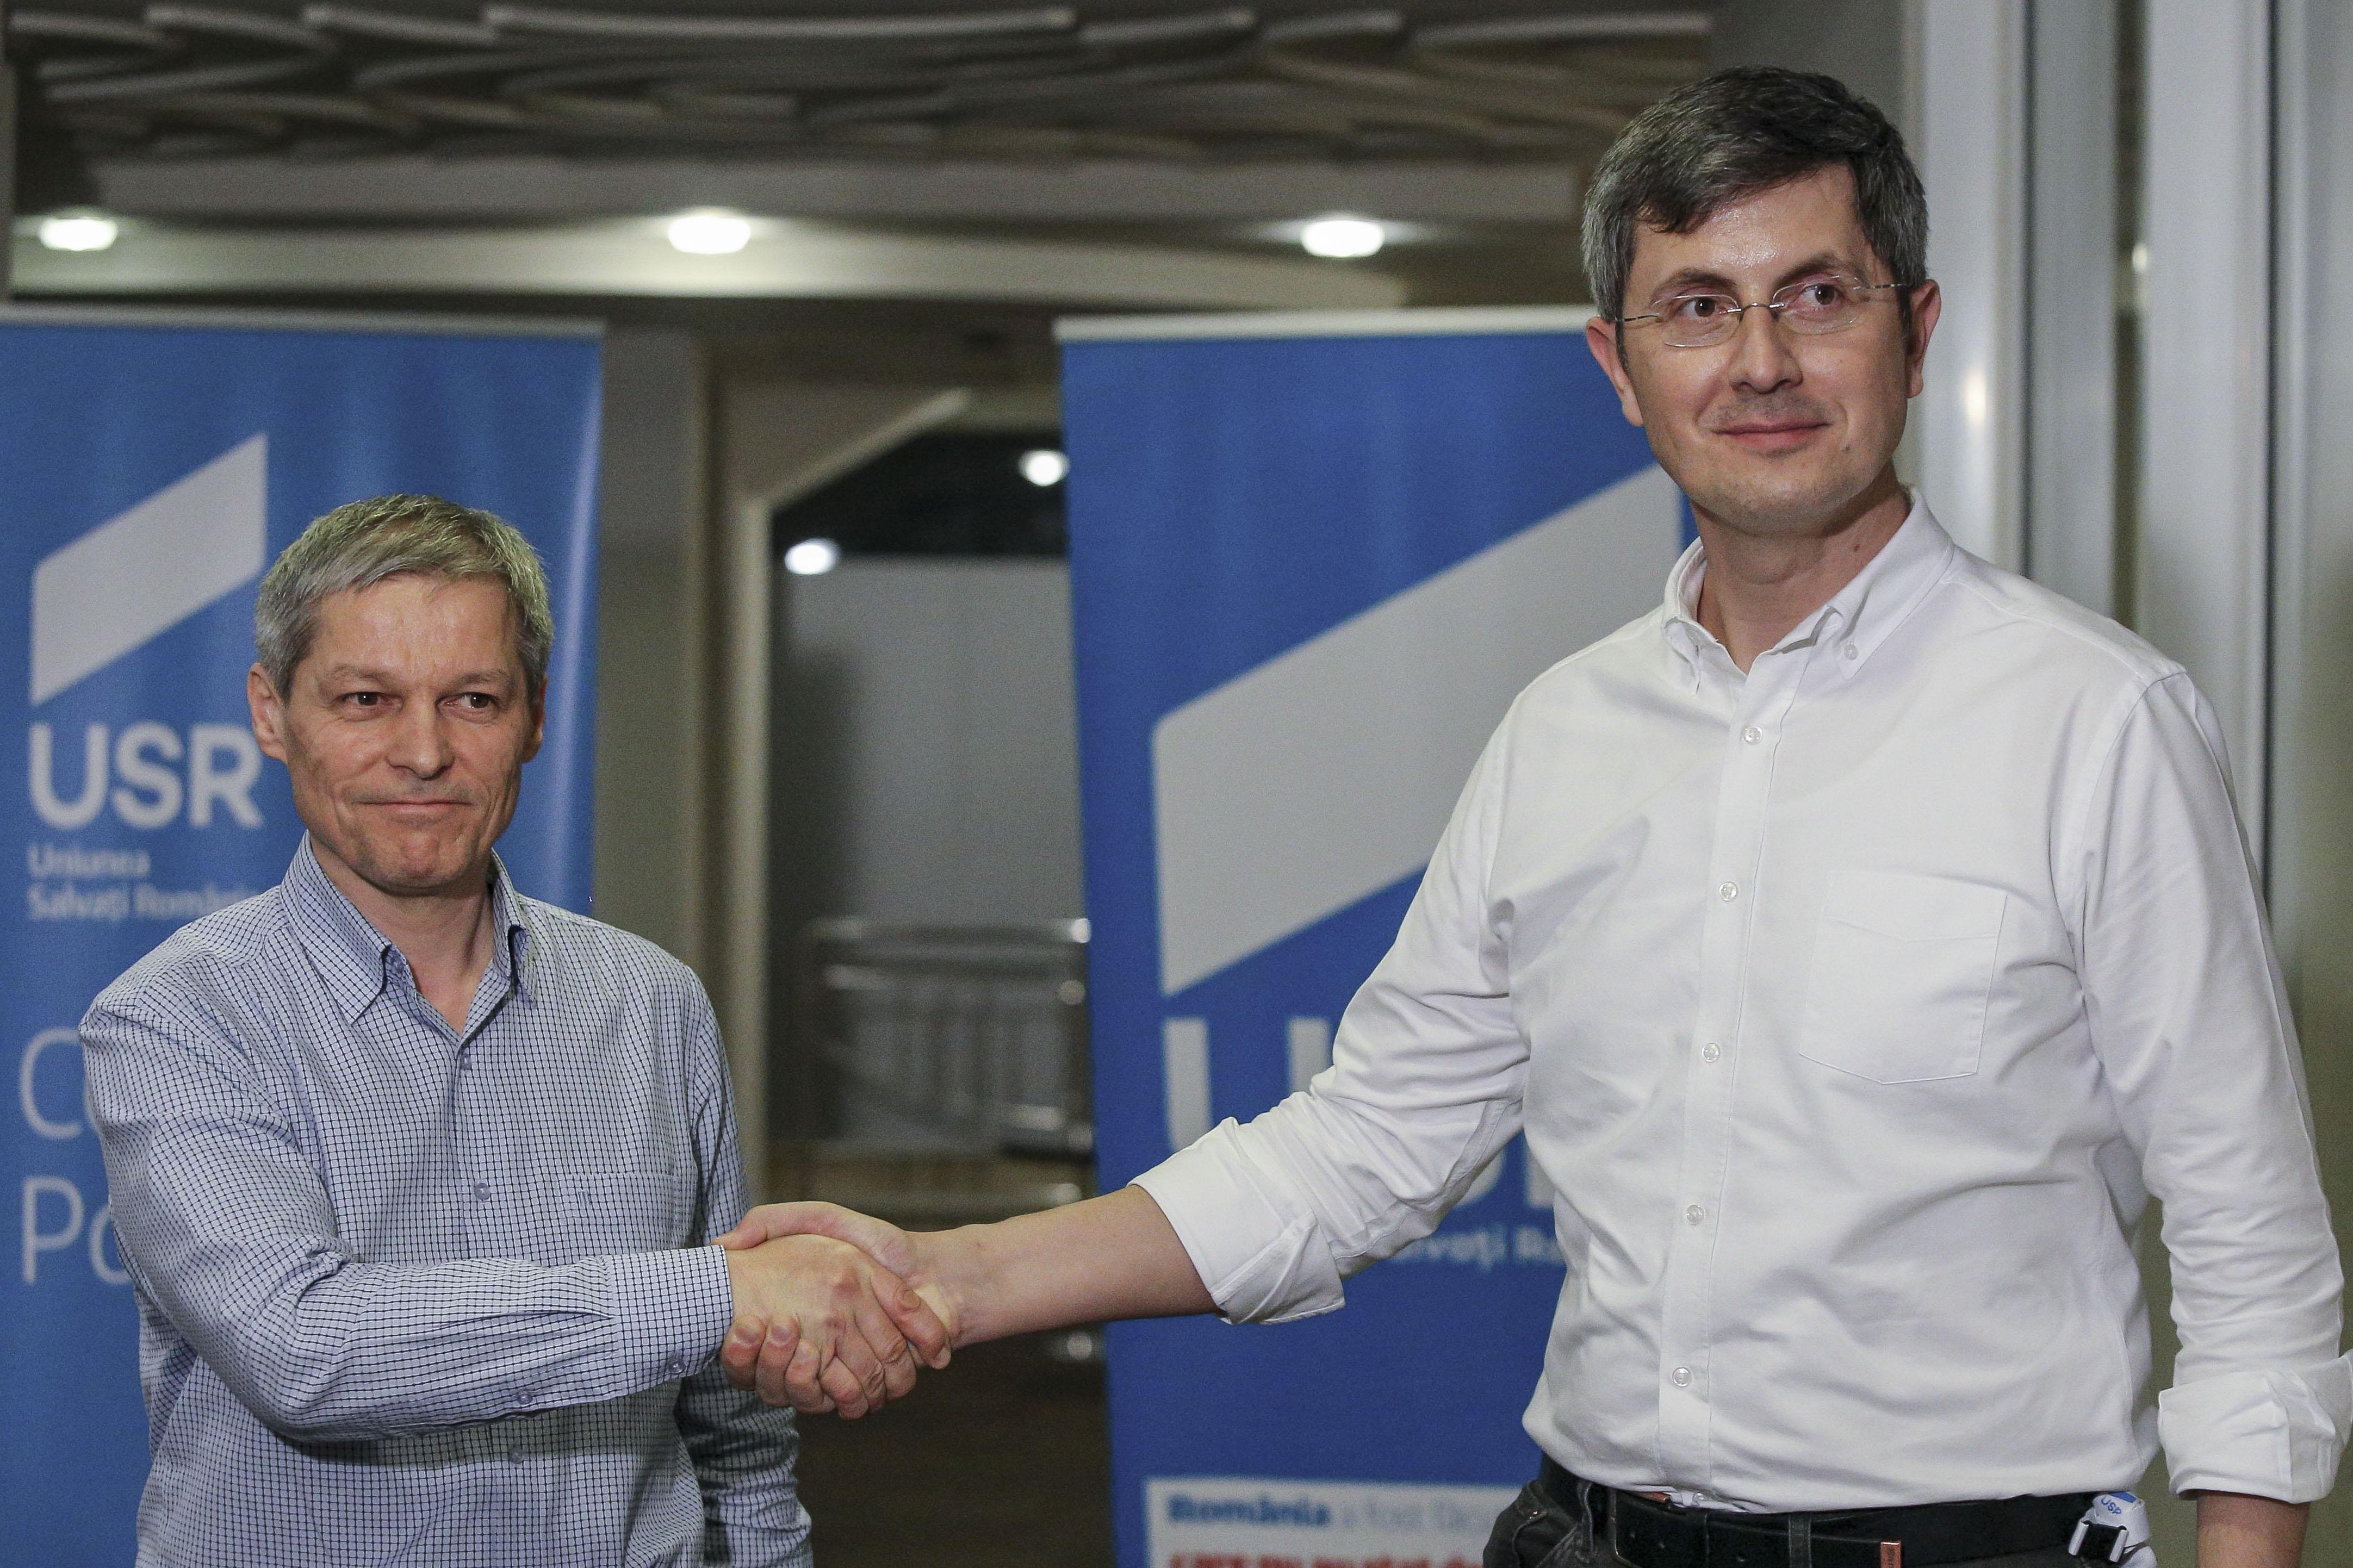 """Barna si Ciolos, despre informatia ca ar exista tensiuni in USR-PLUS: """"Pe alocuri discutiile sunt mai aprige"""""""